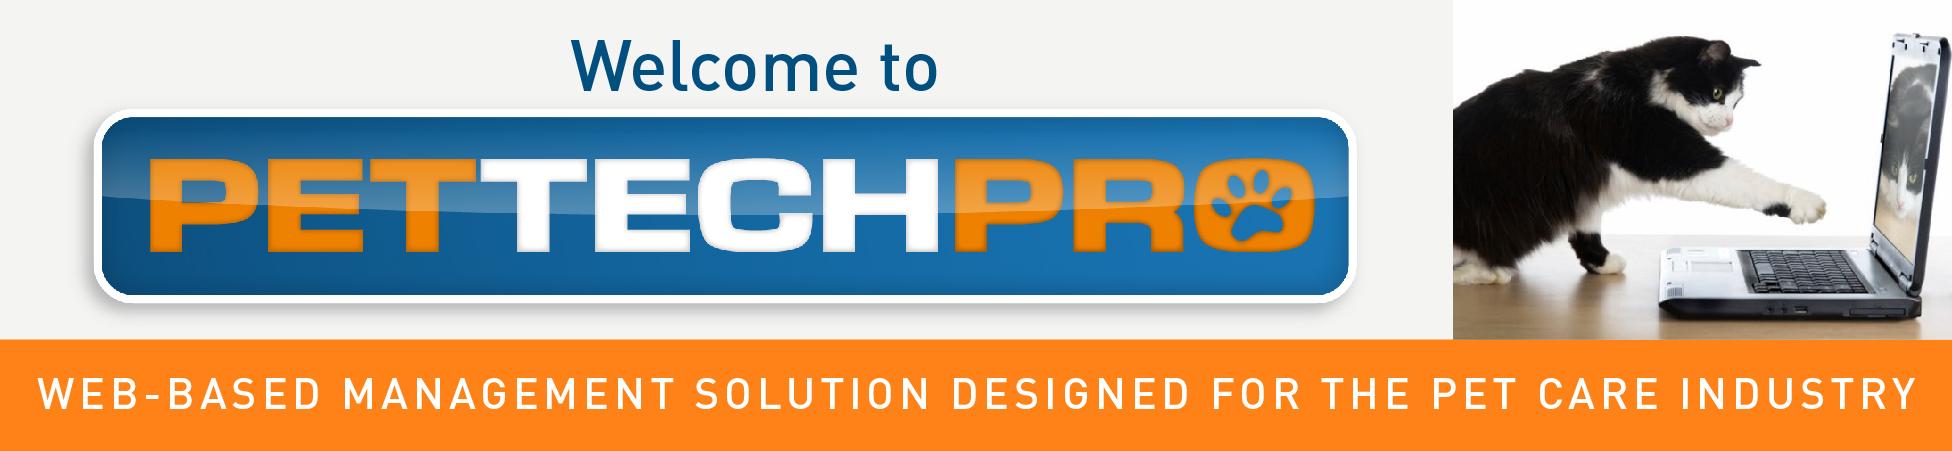 PetTechPro_banner_header_web-01